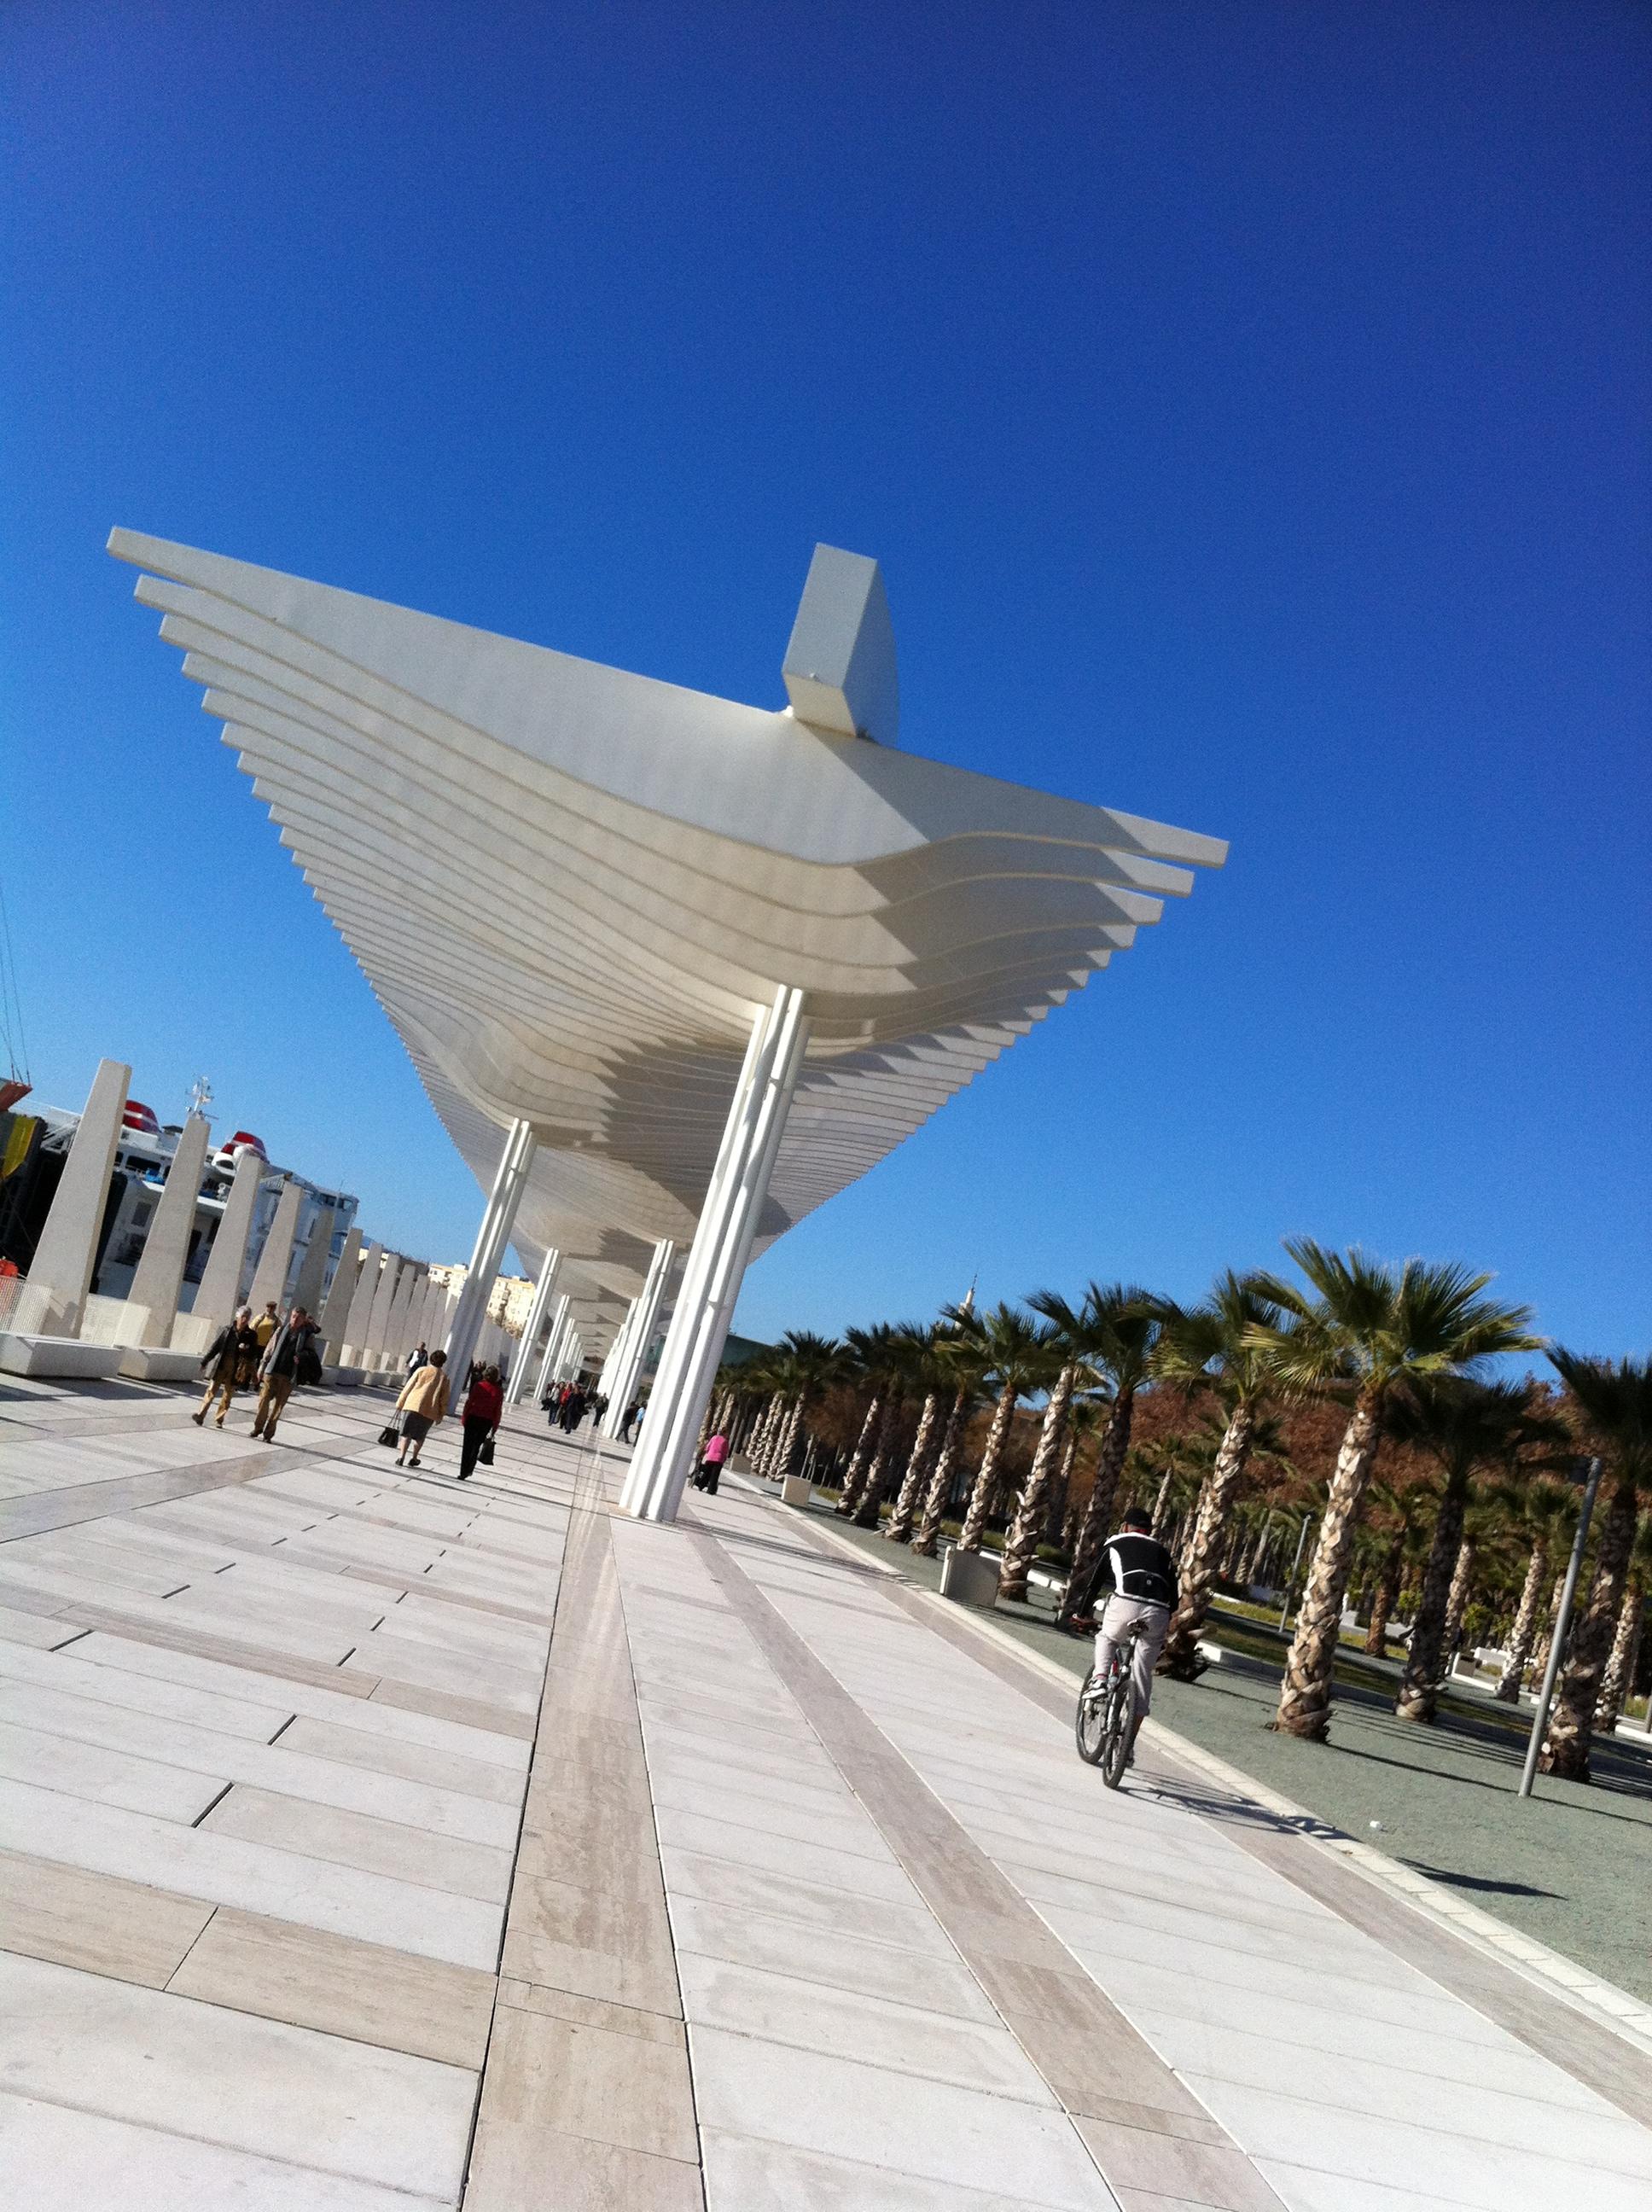 El_Palmeral_de_las_sorpresas_puerto_de_malaga_cruise_port_malaga_andalucia_Spain_sunday